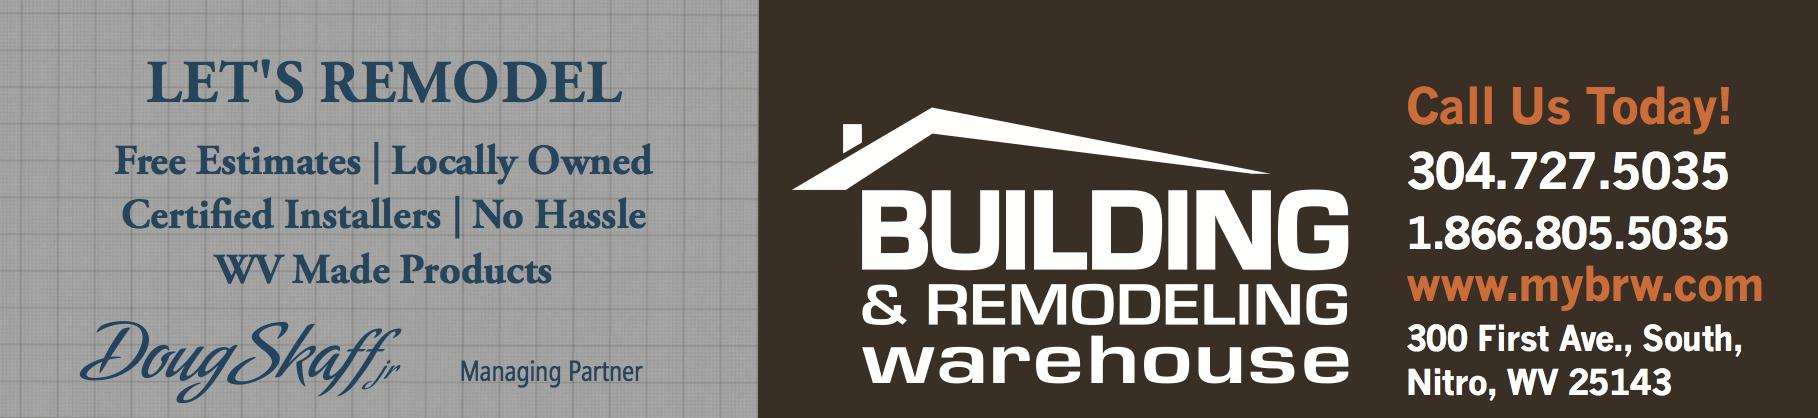 Doug Skaff, JR Building & Remodeling Warehouse